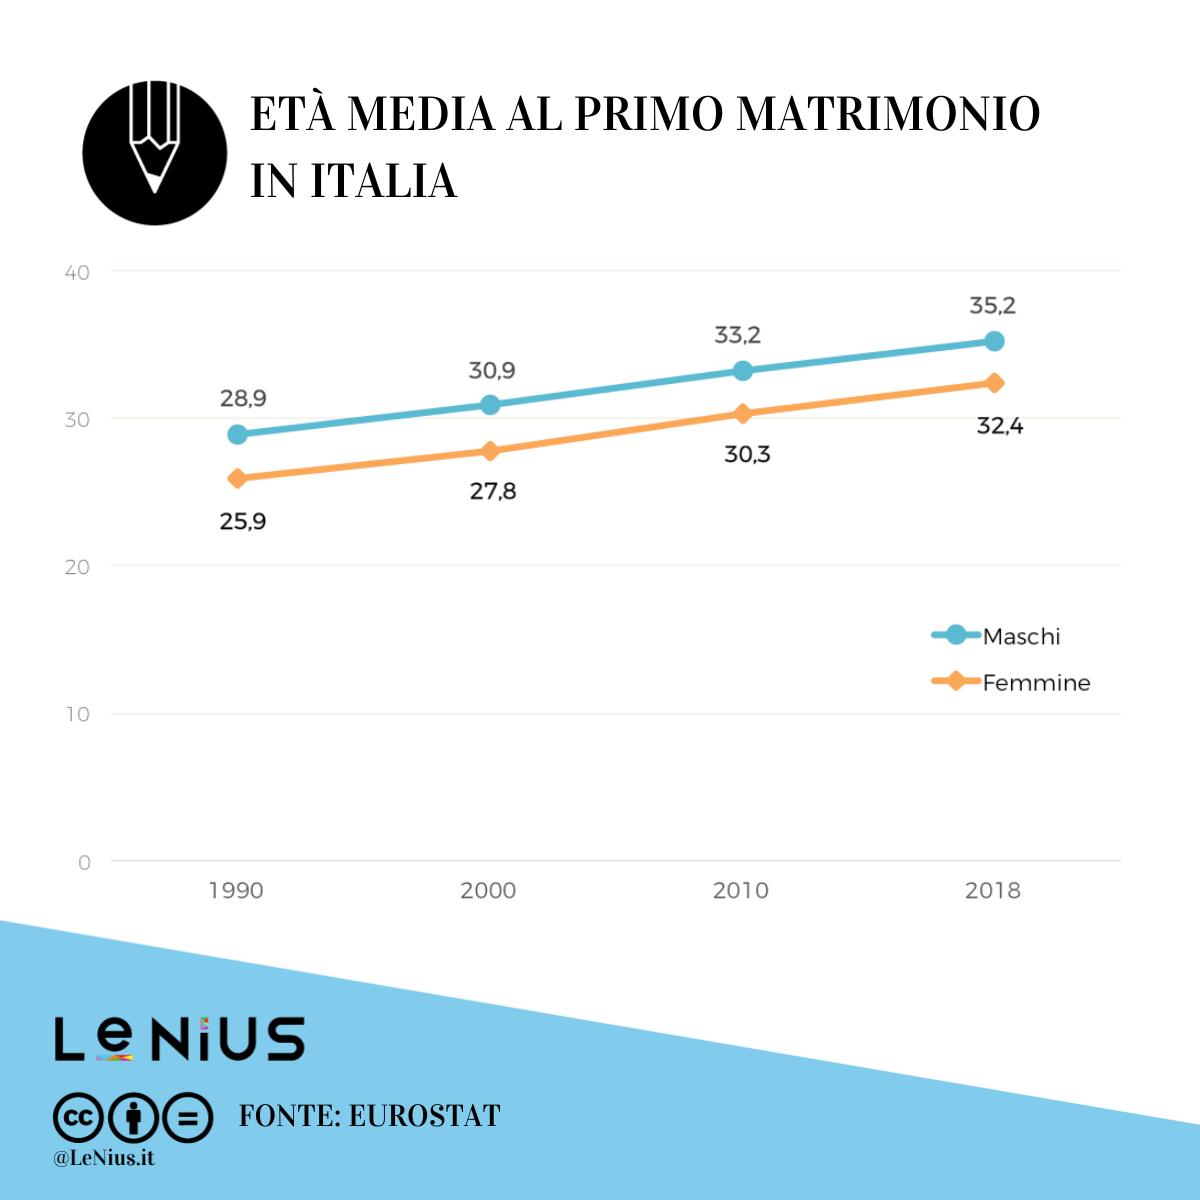 età media matrimonio italia 2018